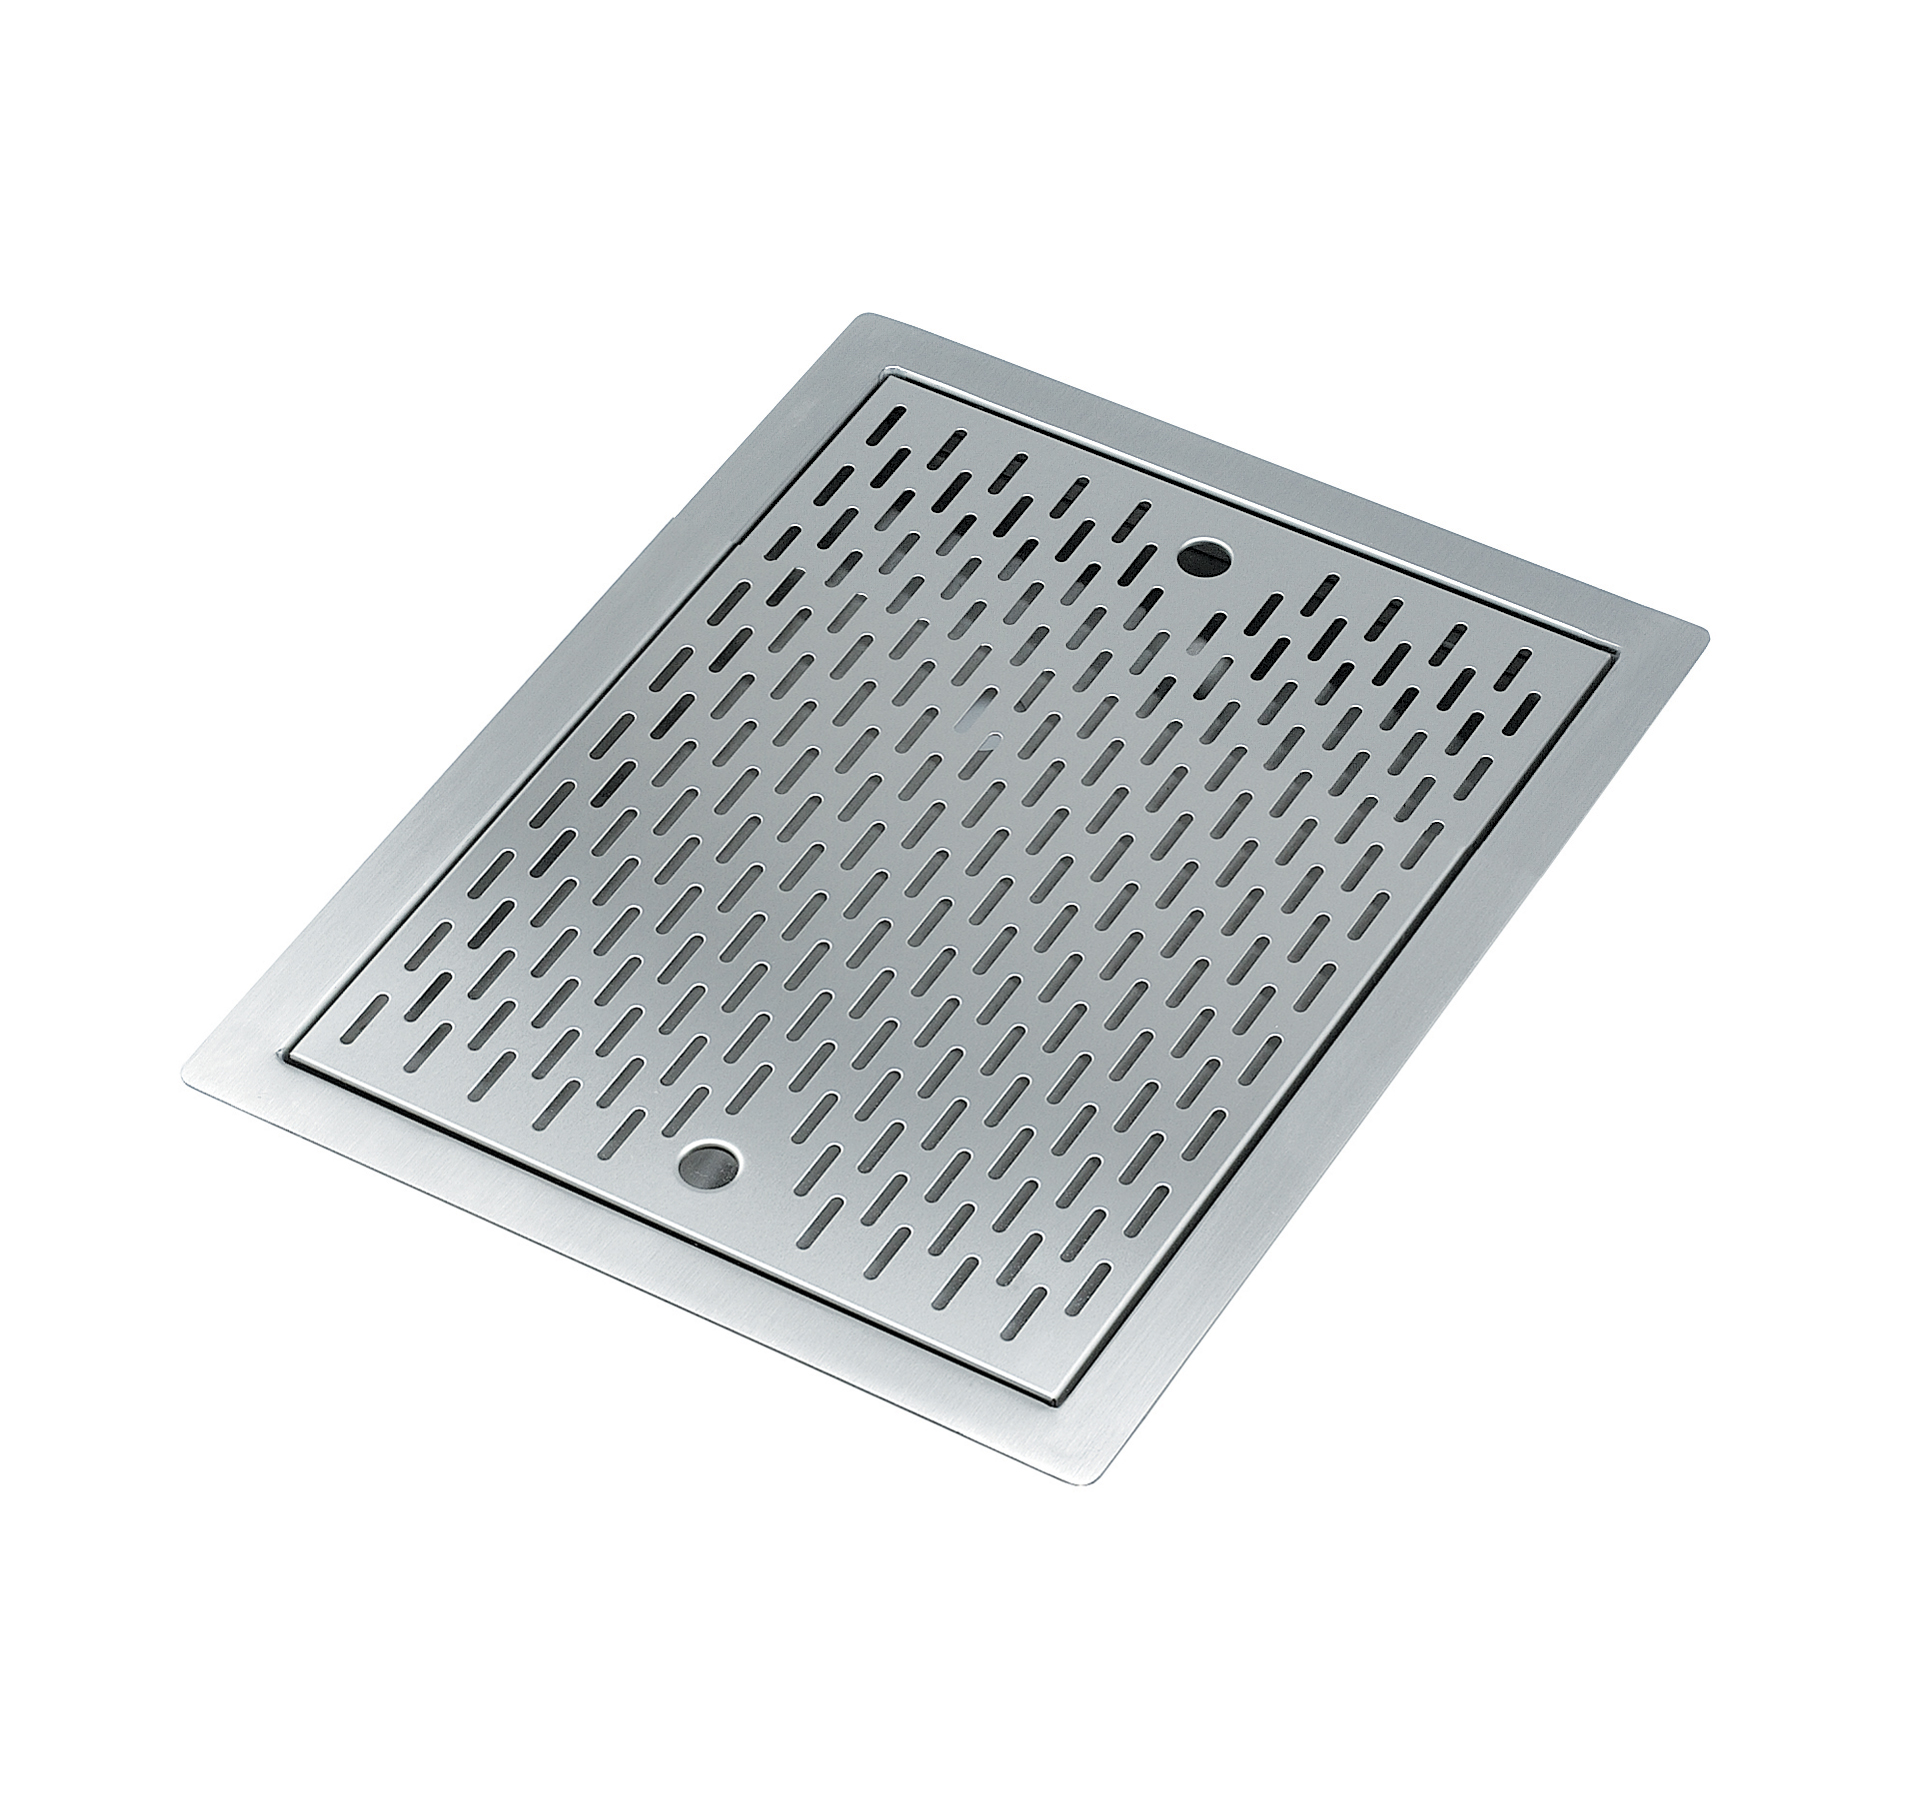 Krowne Metal KR-D30 drip tray trough, beverage